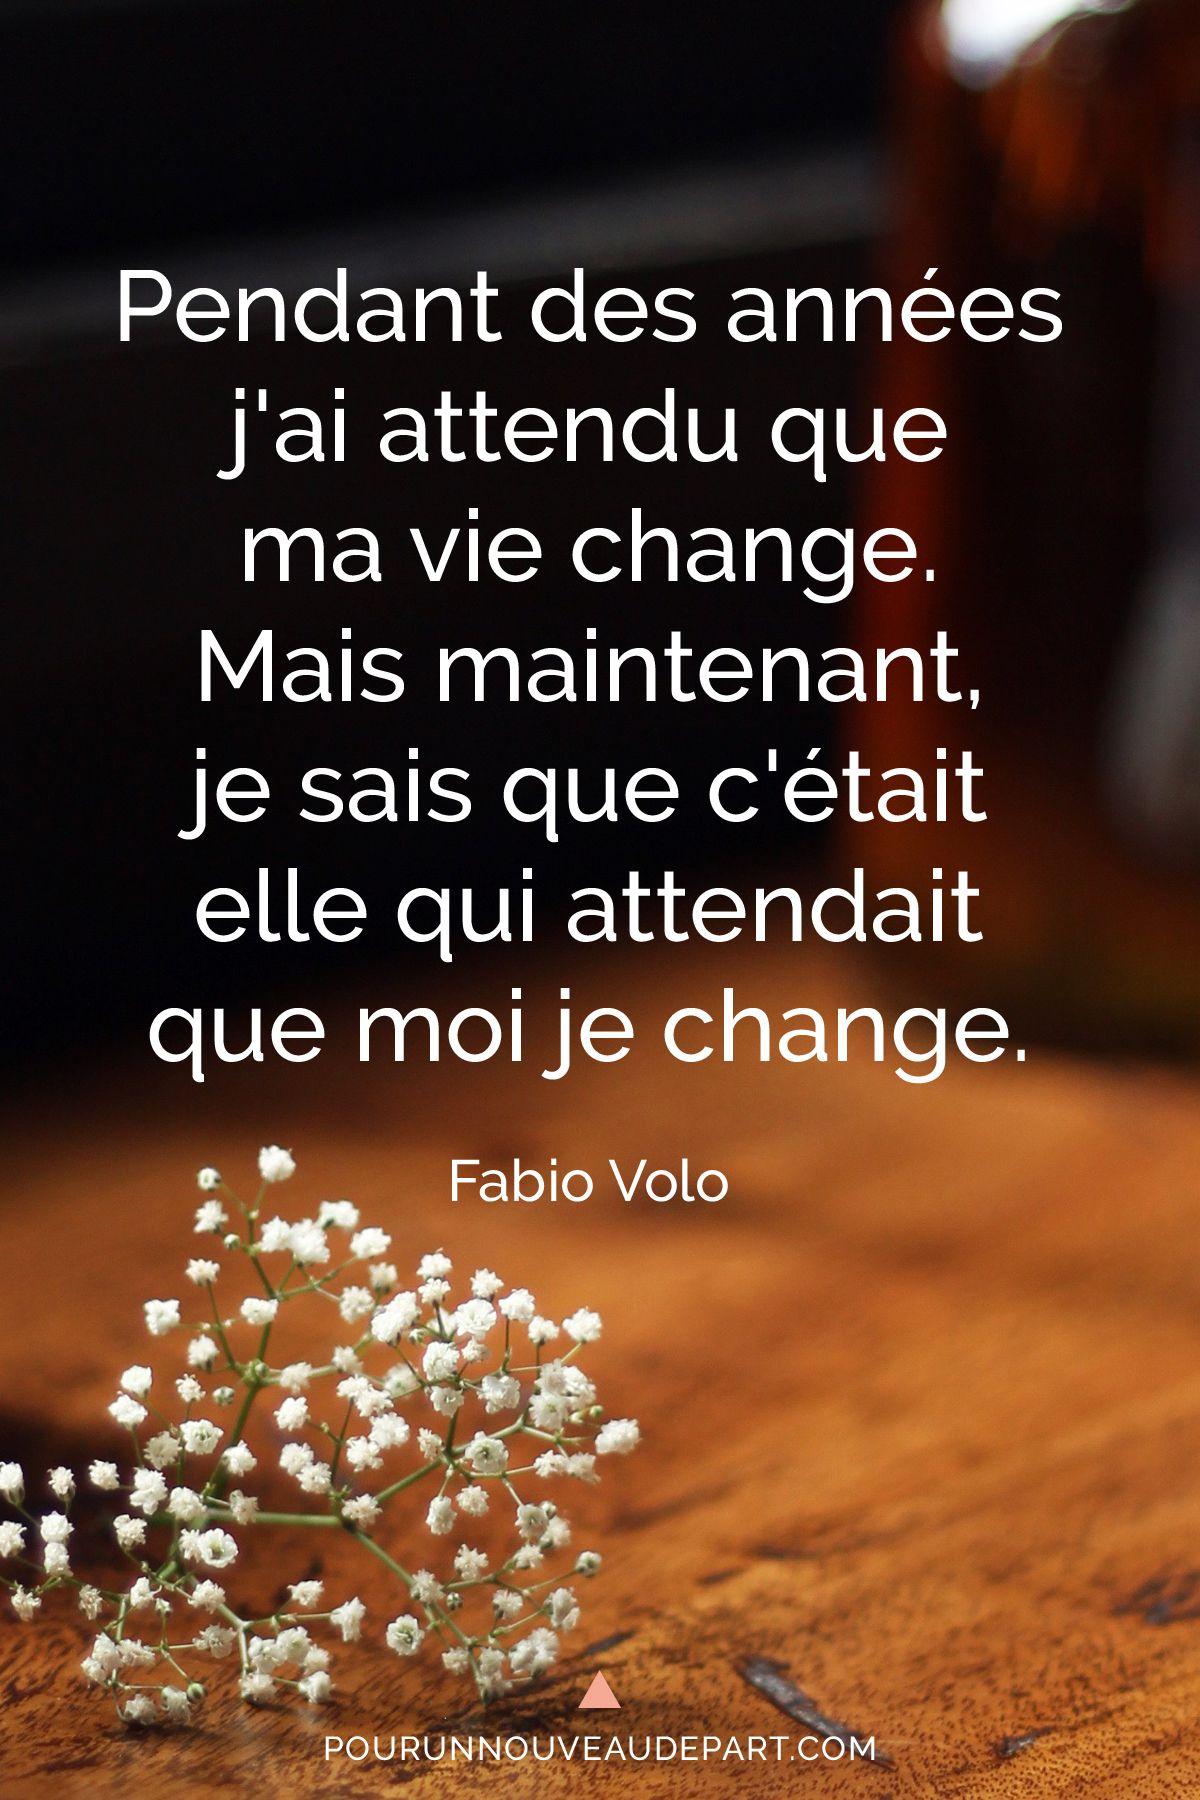 Texte Depart Pour Une Nouvelle Vie : texte, depart, nouvelle, Pendant, Années, Attendu, Change., Maintenant,, C'était, Attendait, Citation, Départ,, Nouveau, Depart,